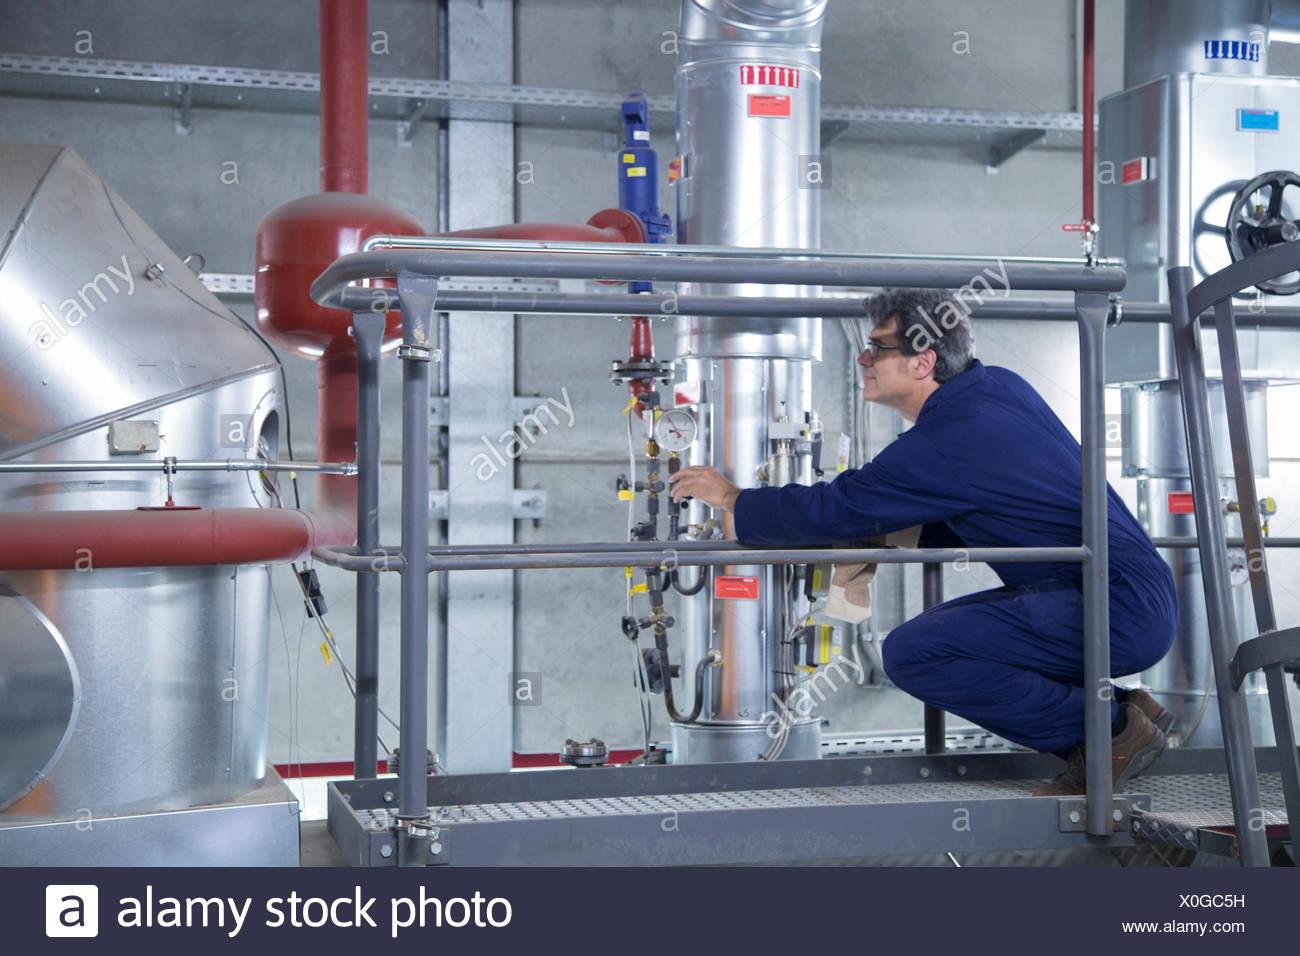 L'inspection de l'ingénieur de l'équipement de la plate-forme d'accès à power station Photo Stock